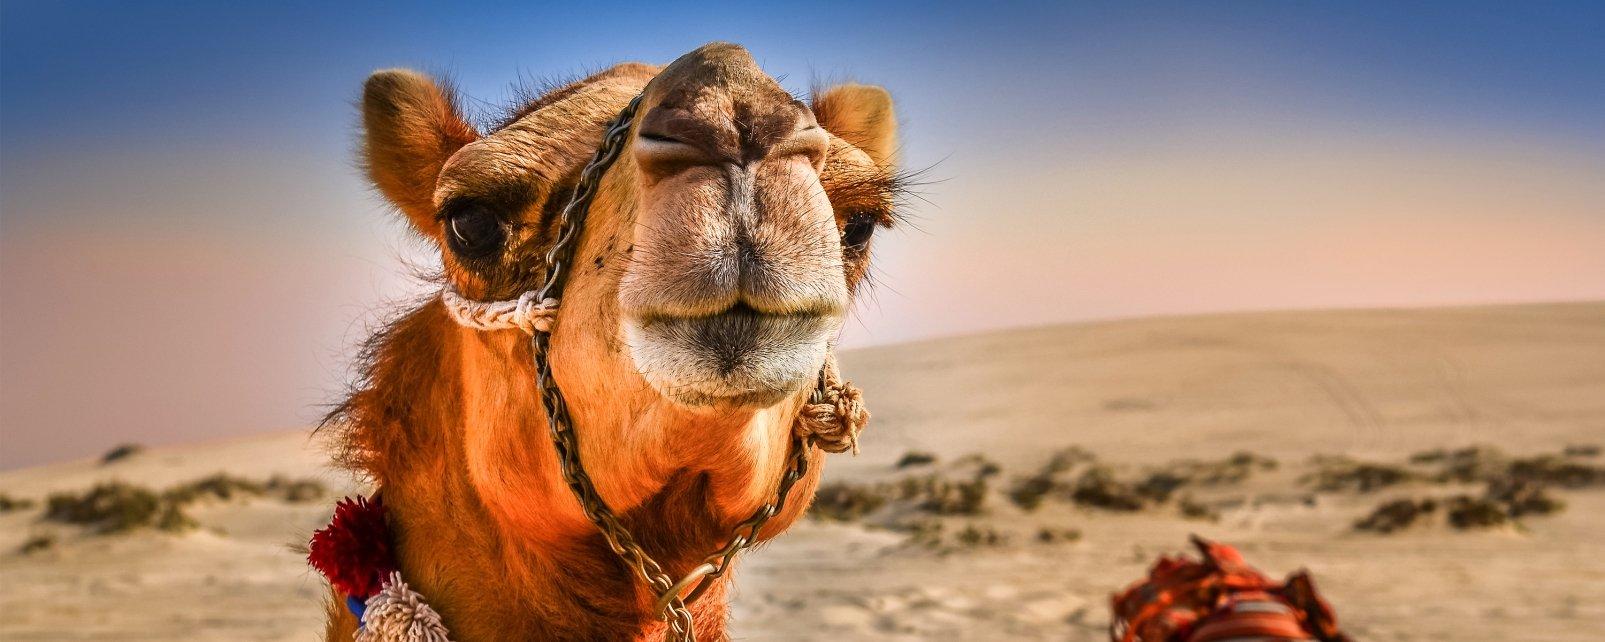 La faune et la flore, algérie, afrique, maghreb, désert, animal, dromadaire, chameau, mammifère